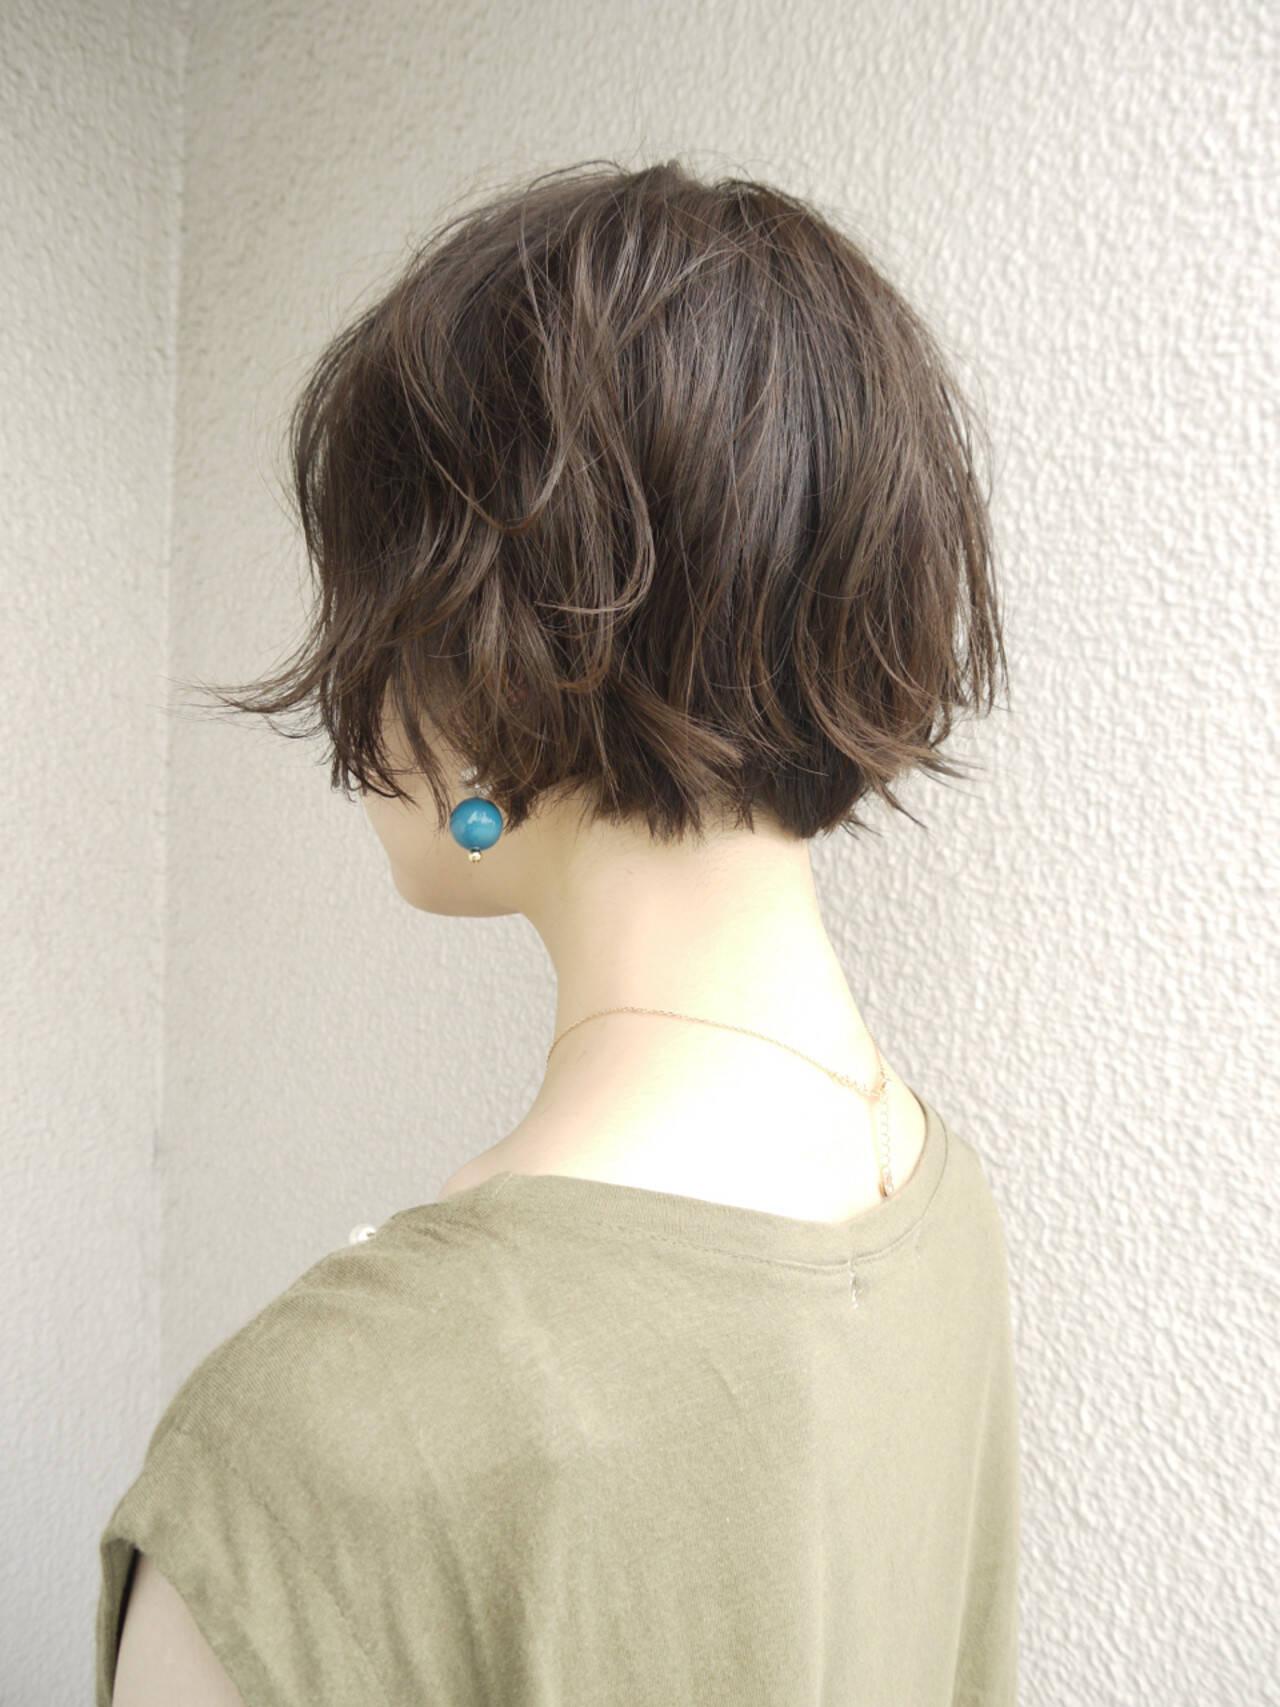 エレガント フェミニン 上品 ボブヘアスタイルや髪型の写真・画像